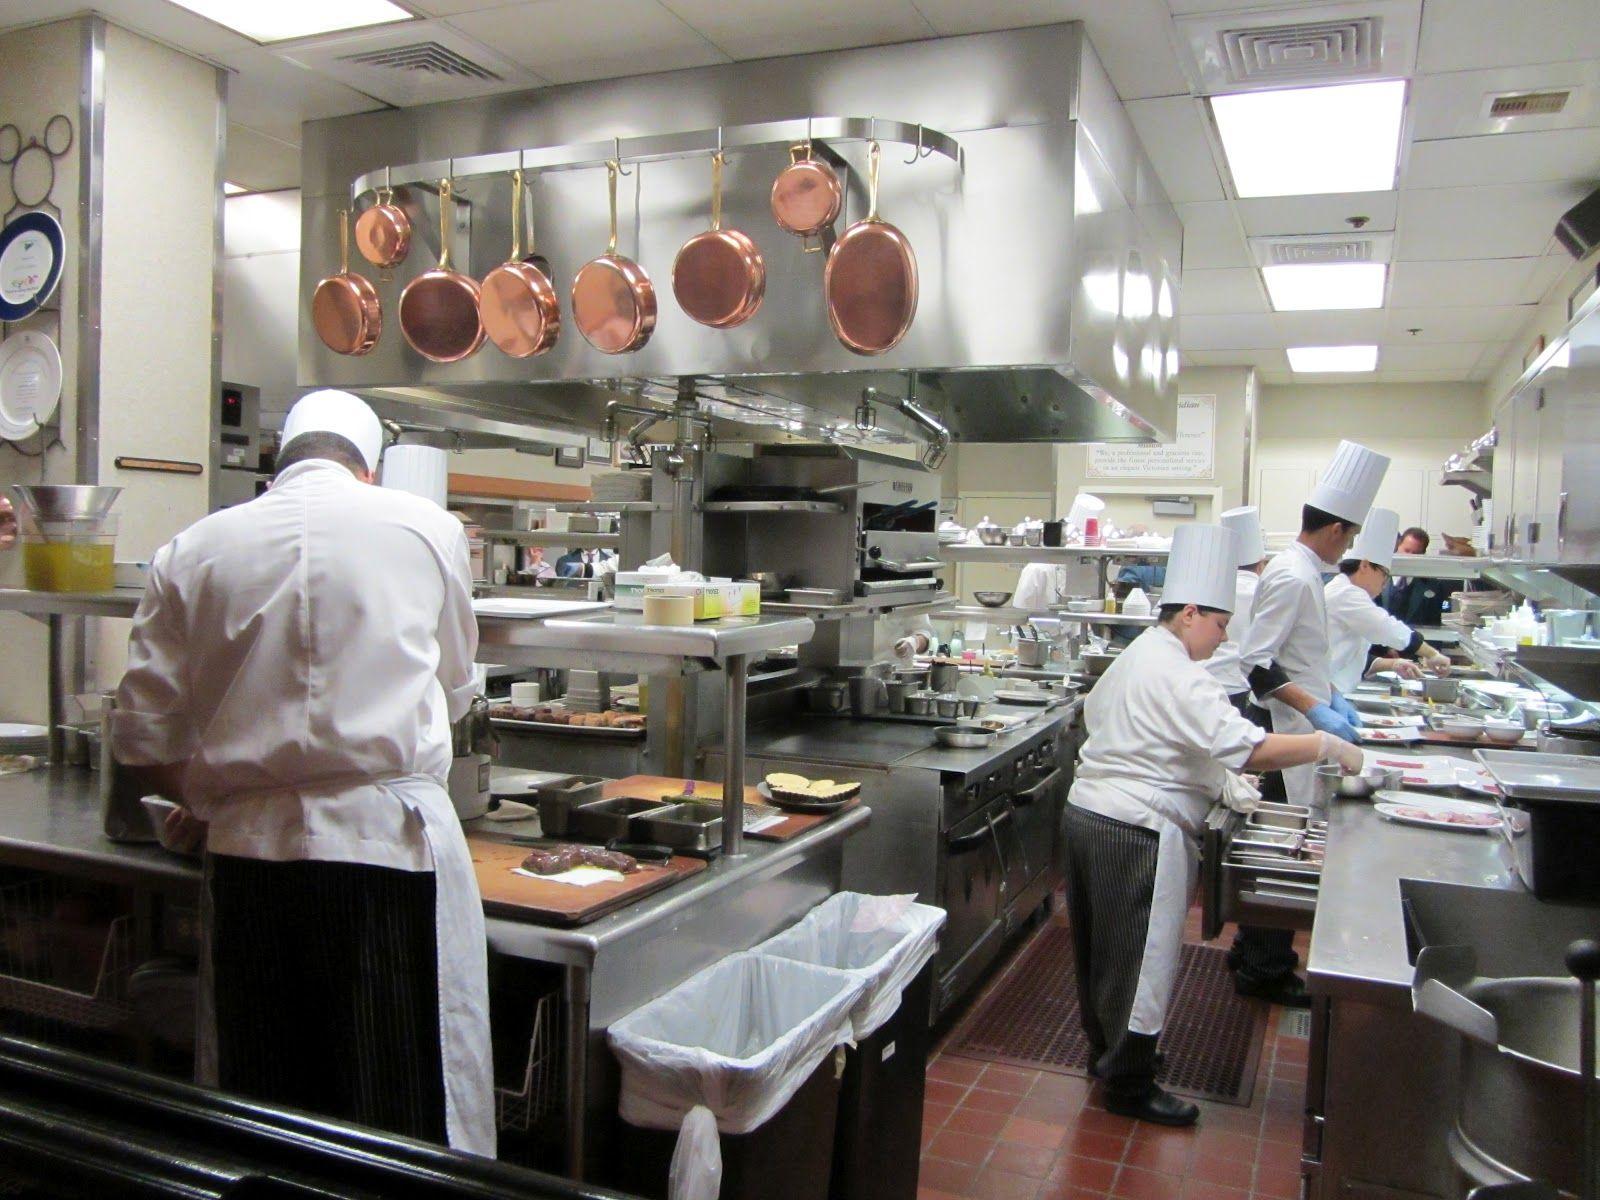 13 Petugas Dapur ini Kerja All Out demi Menyiapkan Hidangan Menu Spesial Kamu loh !